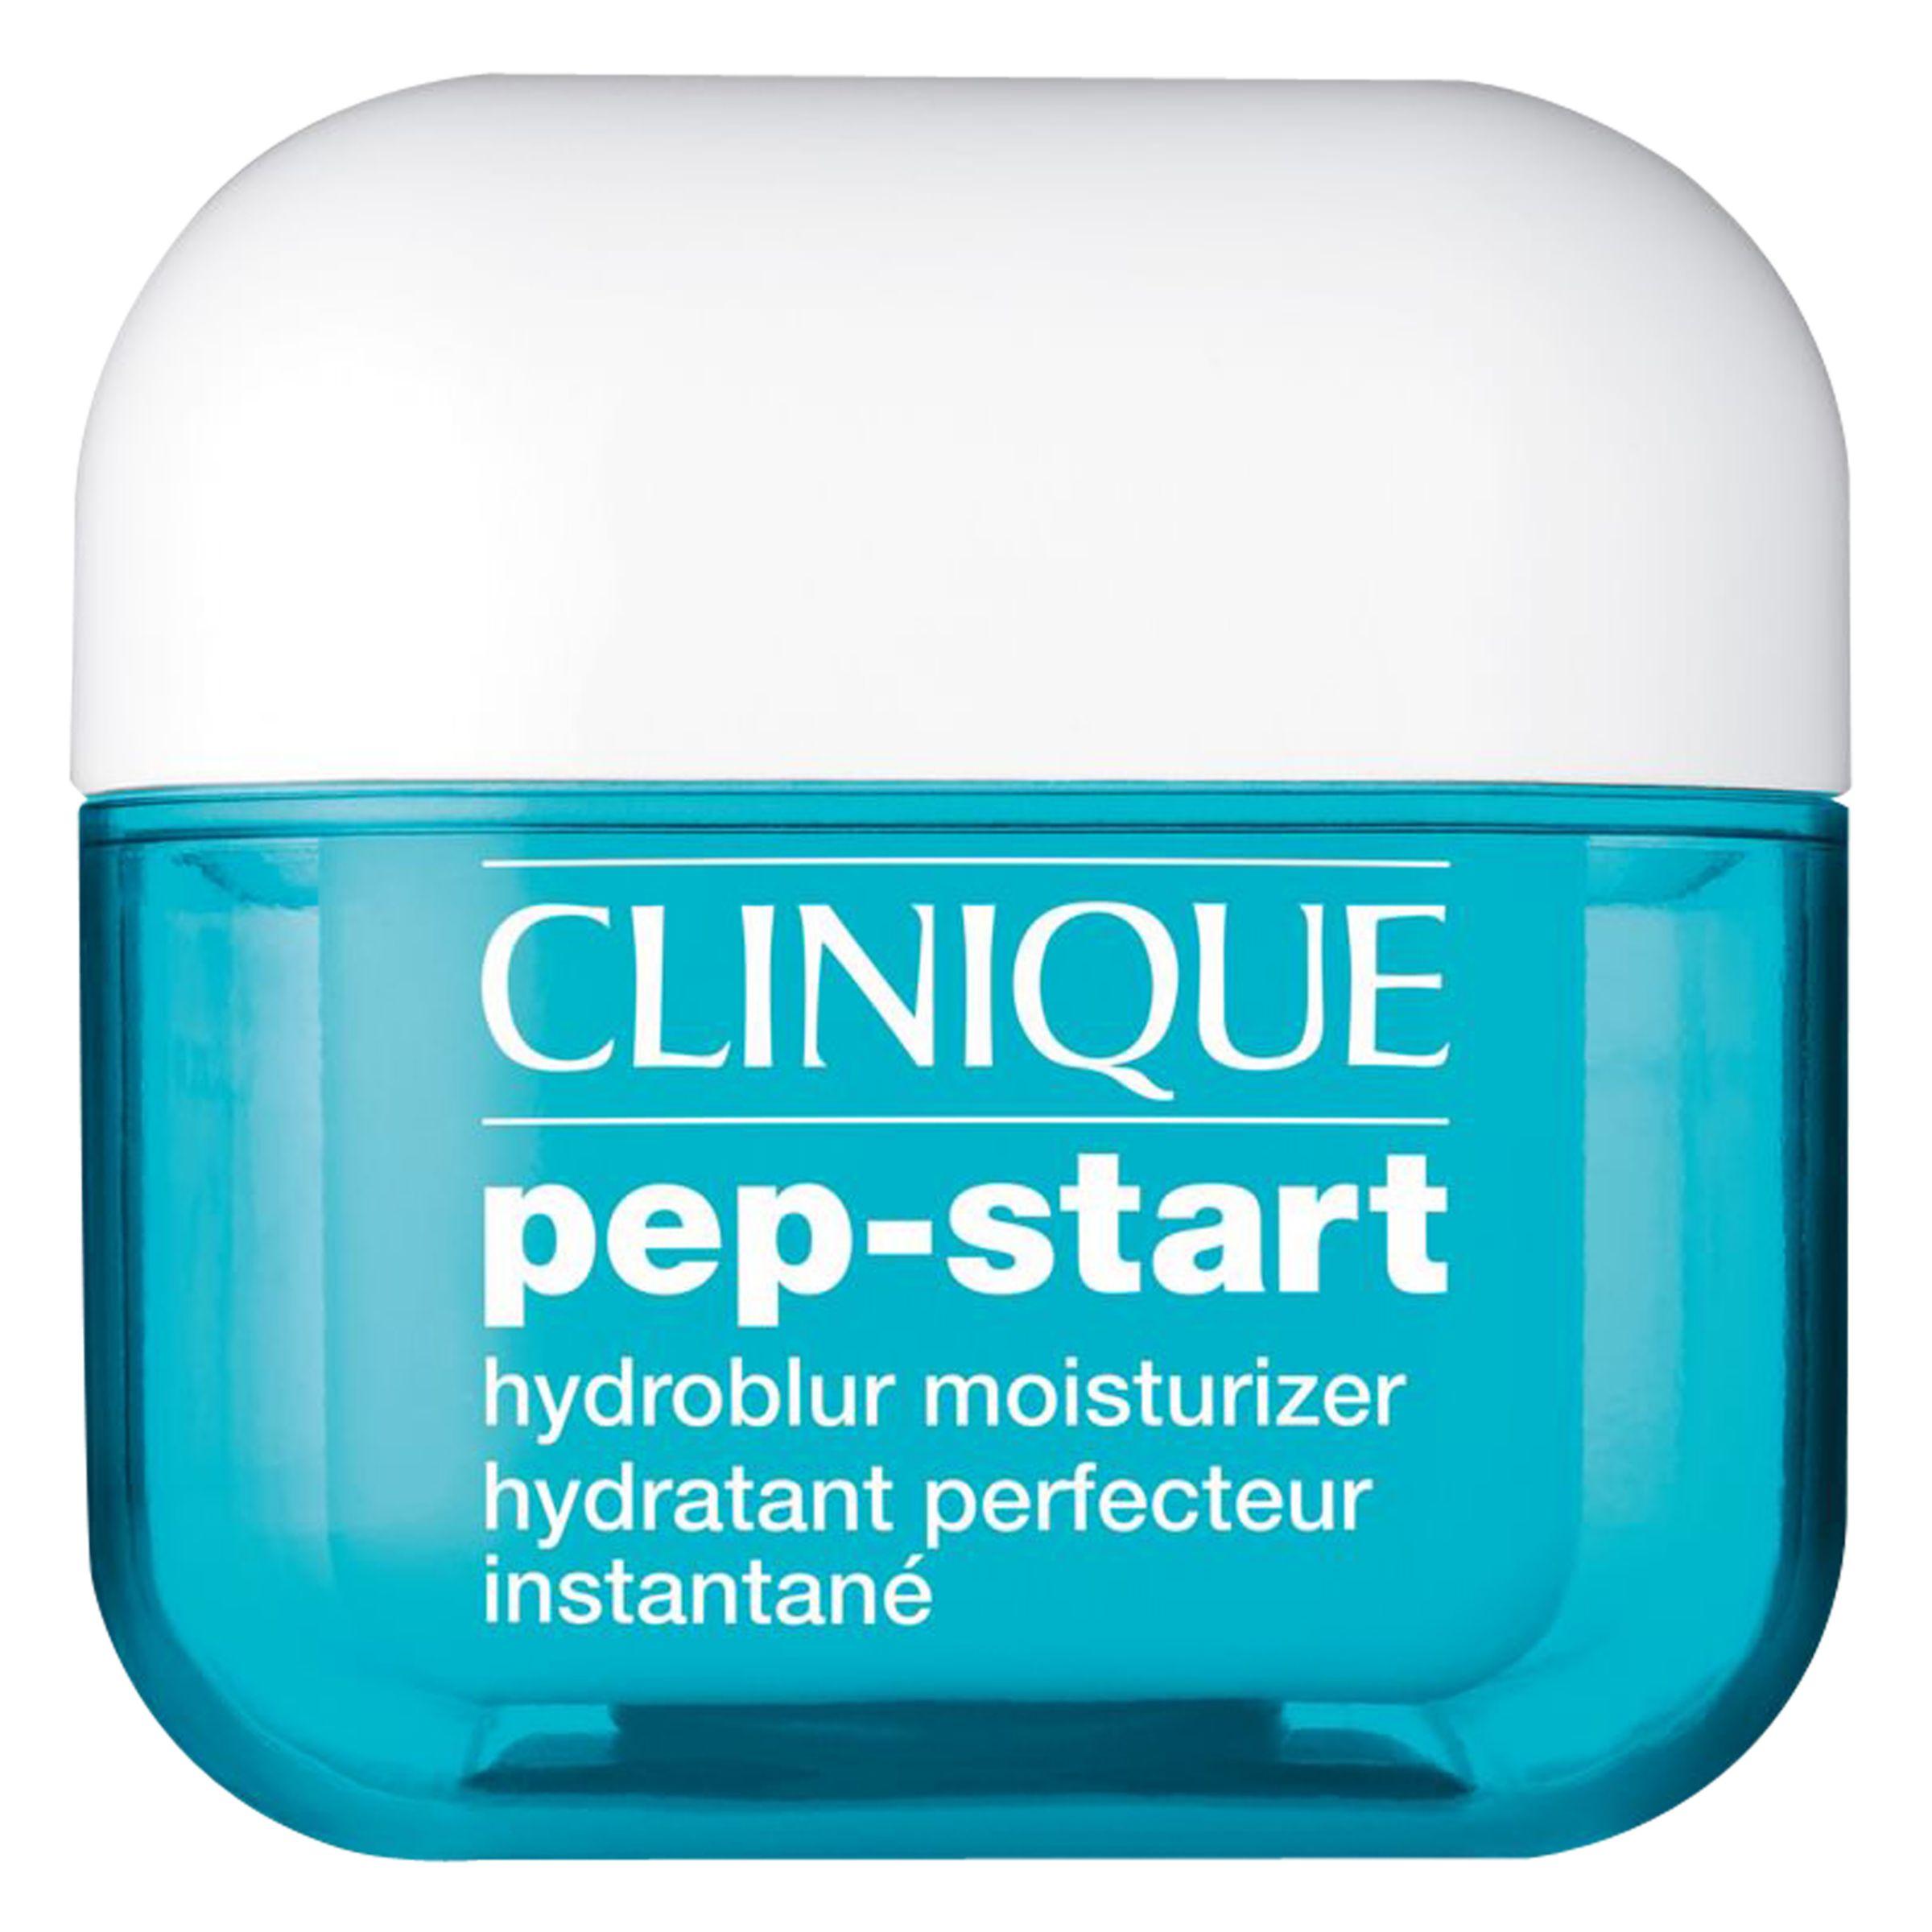 CLINIQUE pep-start hydroblur moisturizer 50ml